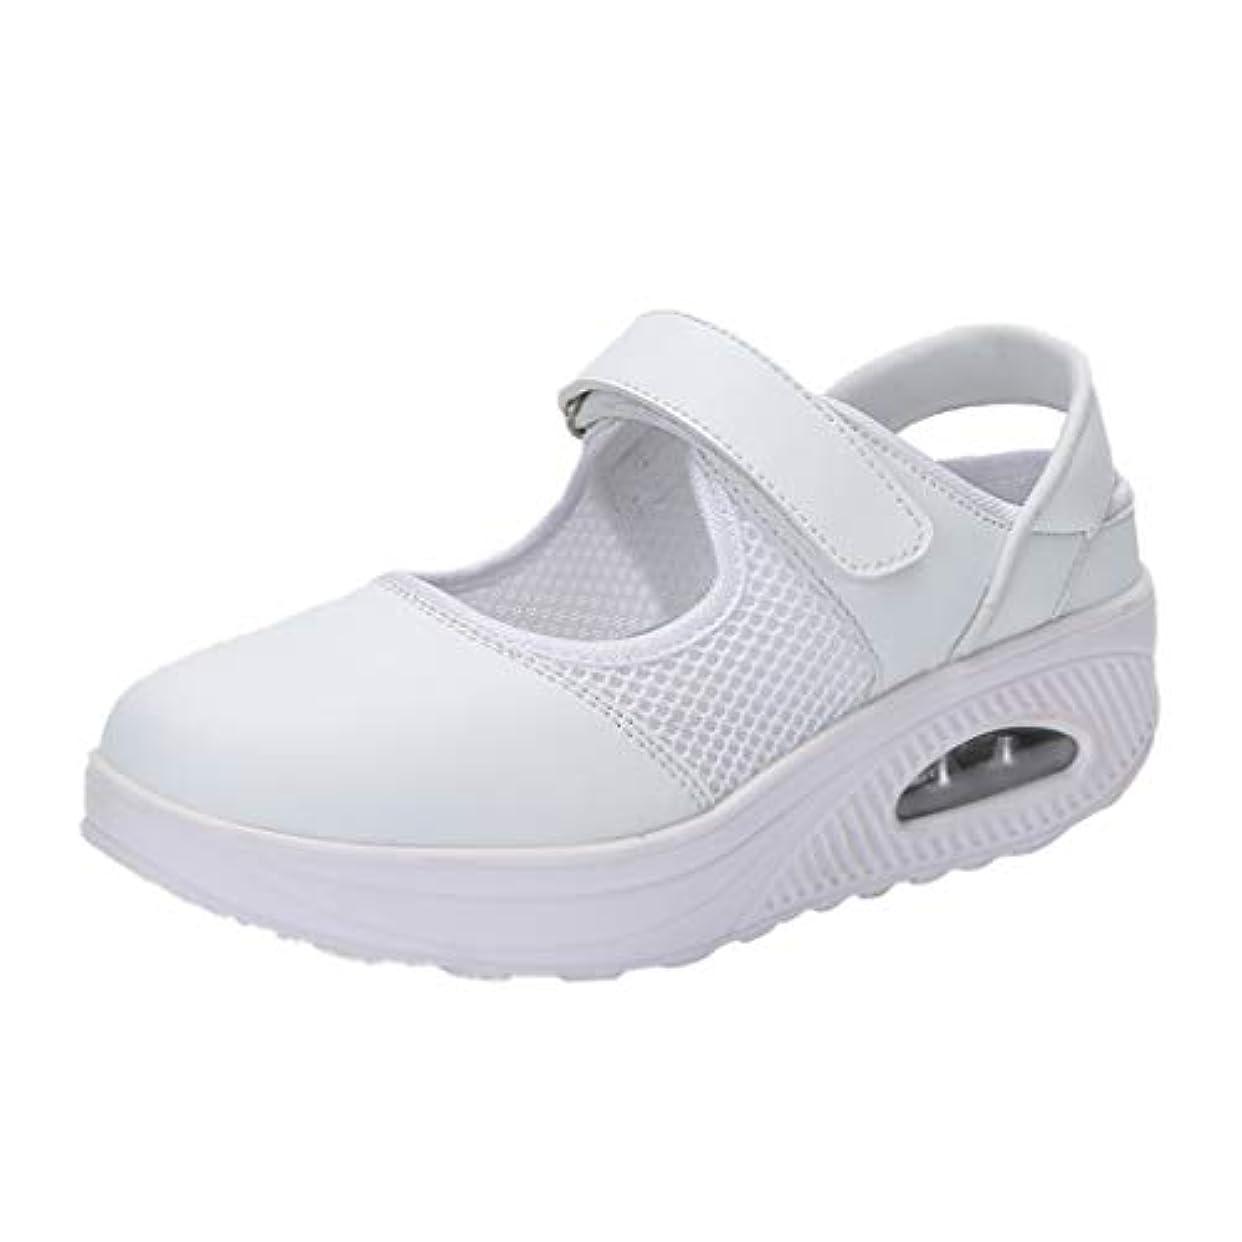 守る熟達した郵便局ナースシューズ liqiuxiang お母さん 婦人靴 スボーツスニーカー ウォーキングシューズ 看護師 作業靴 軽量 マジックタイプ スニーカーサンダル ケアセフティ レディース